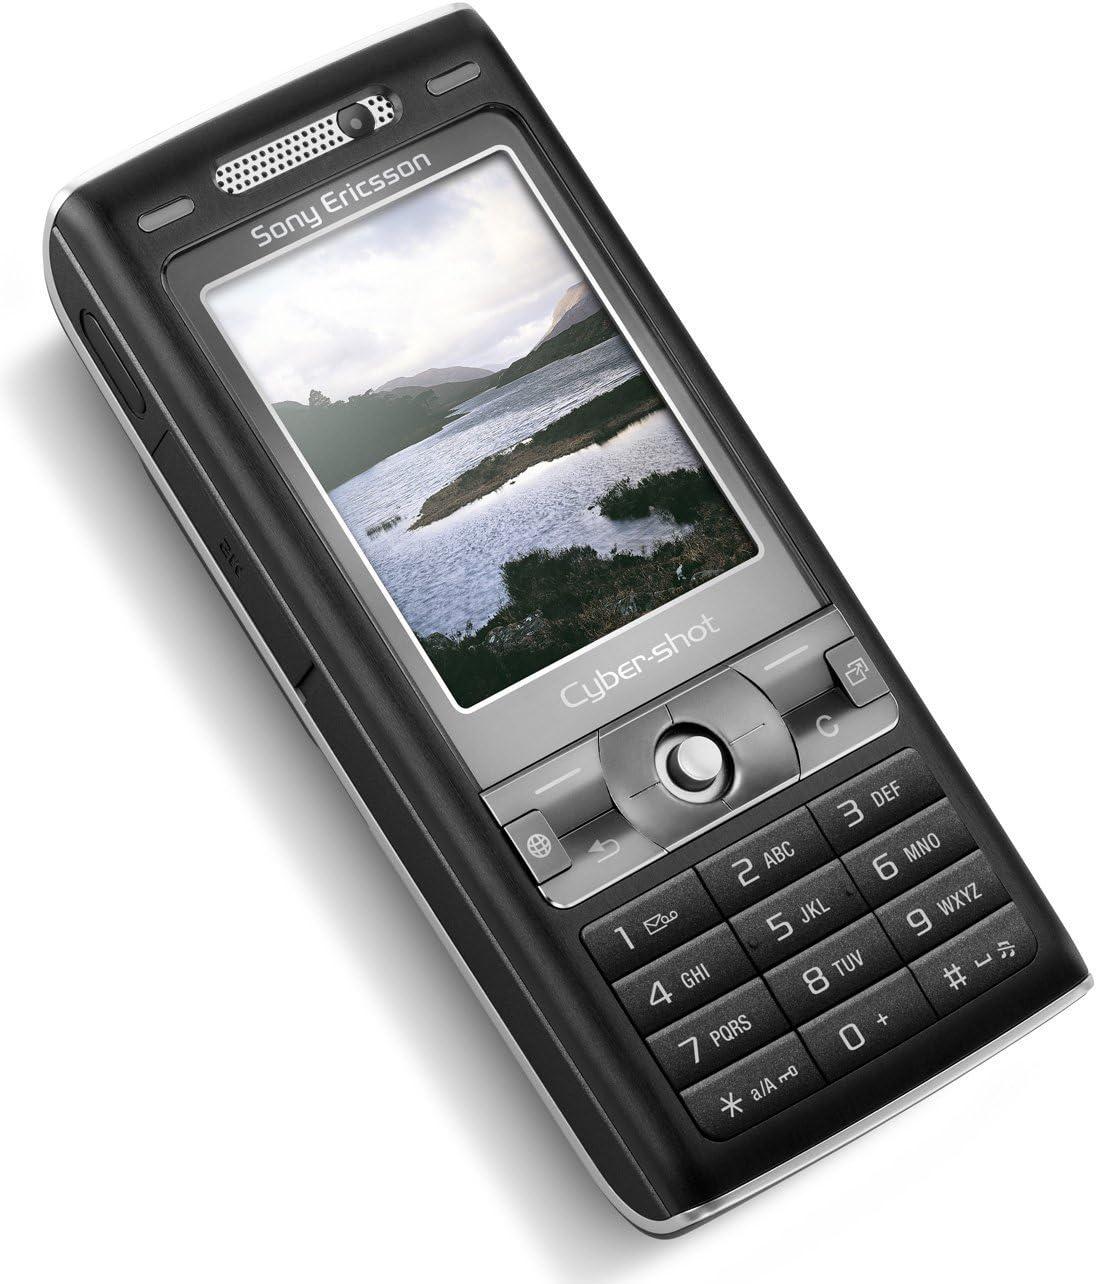 Sony Ericsson K800i Mobiltelefon Umts Gprs Schwarz Amazon De Elektronik